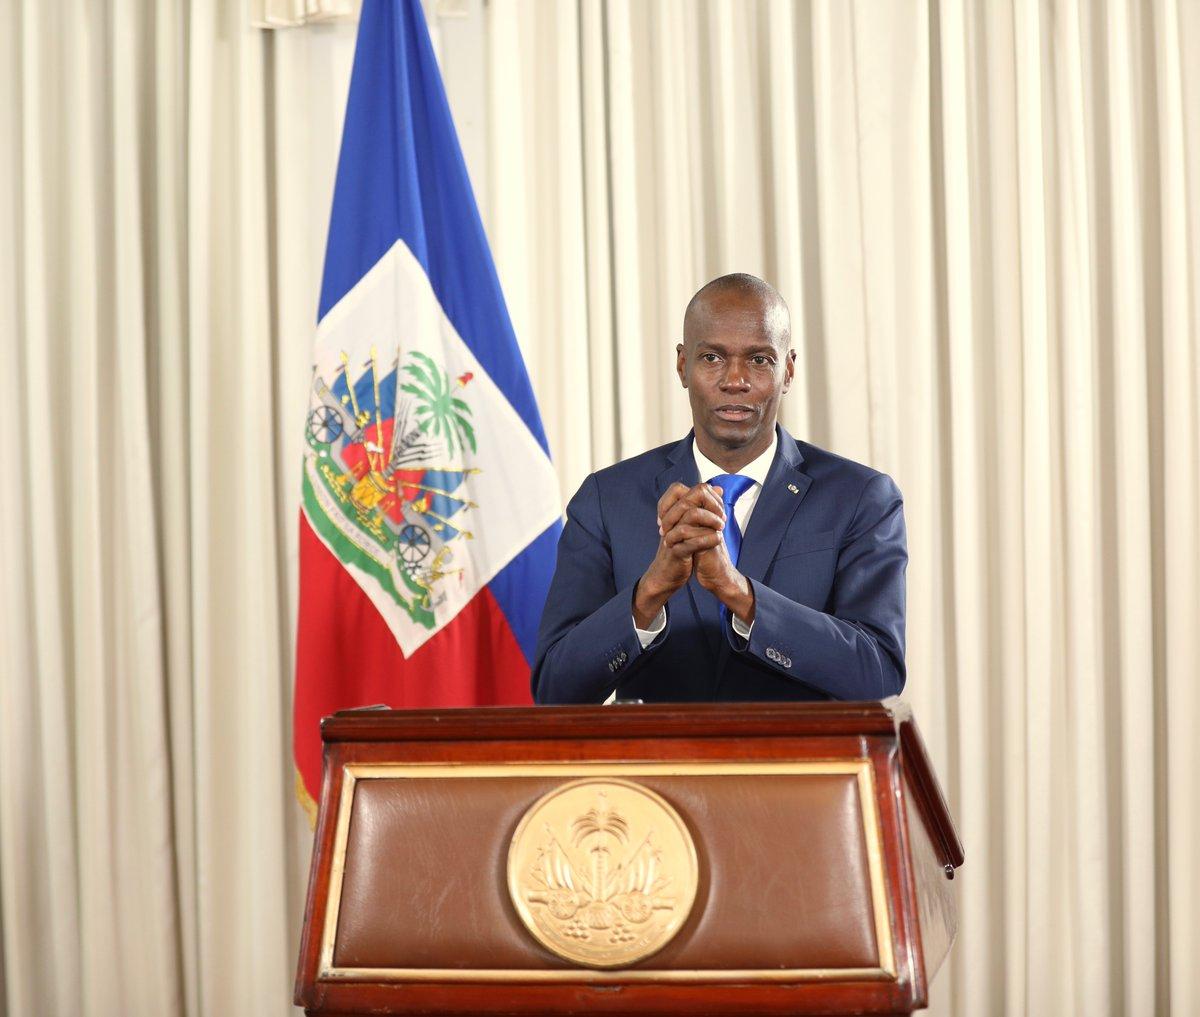 Le président Jovenel Moïse / Photo: La Présidence